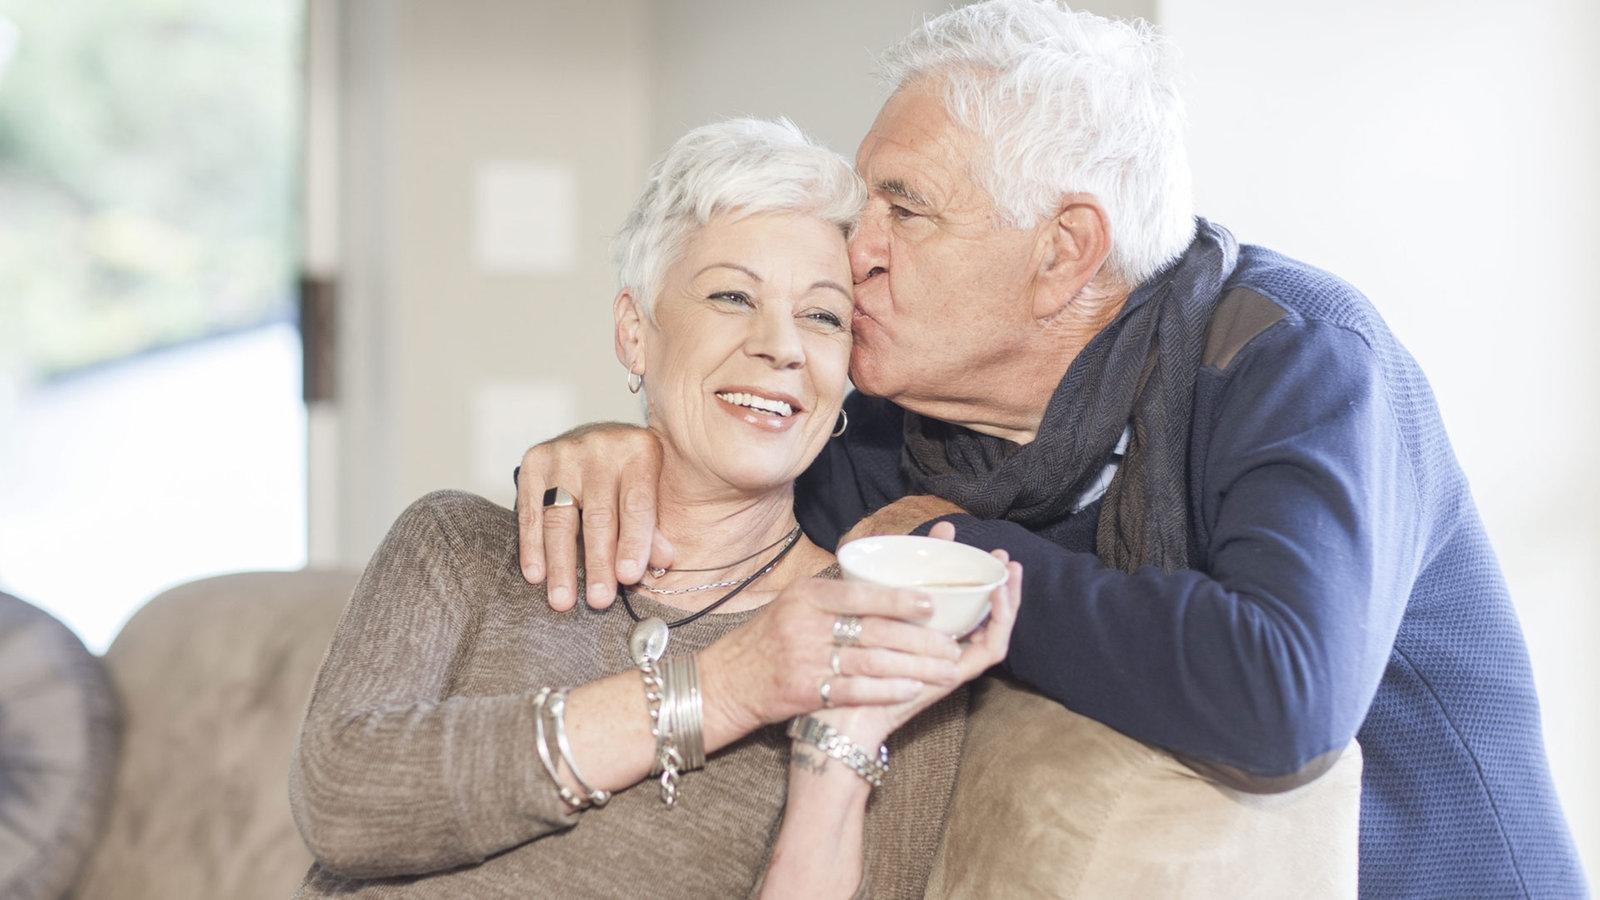 Kostenlose partnersuche über 50 Partnersuche ab 50 - Zweisamkeit statt Einsamkeit!